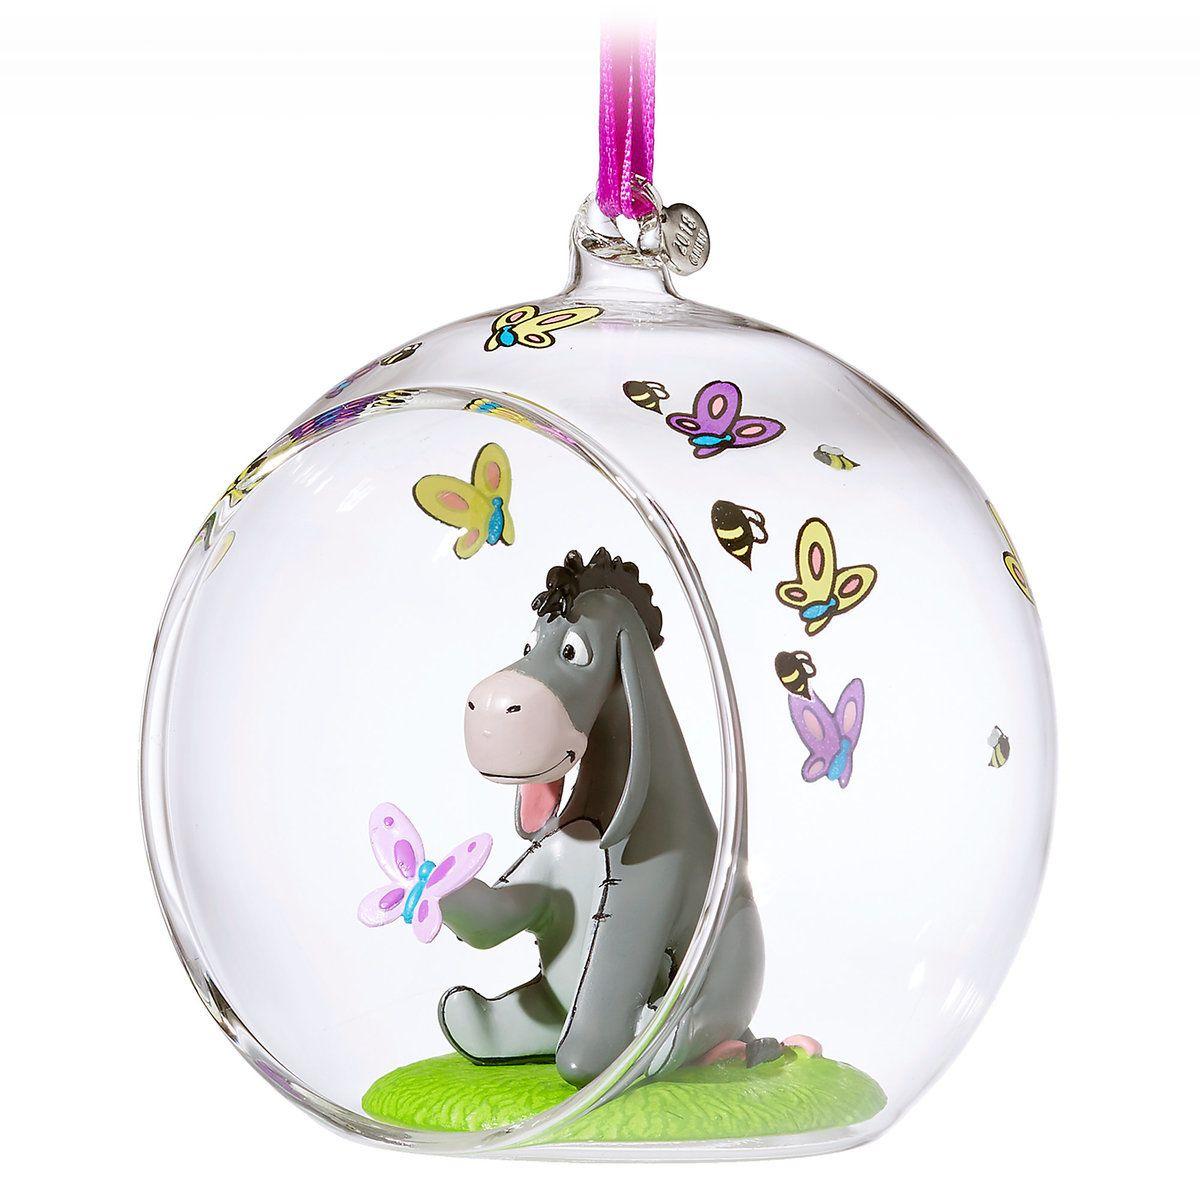 Eeyore Glass Globe Sketchbook Ornament - Winnie the Pooh   Disney ...